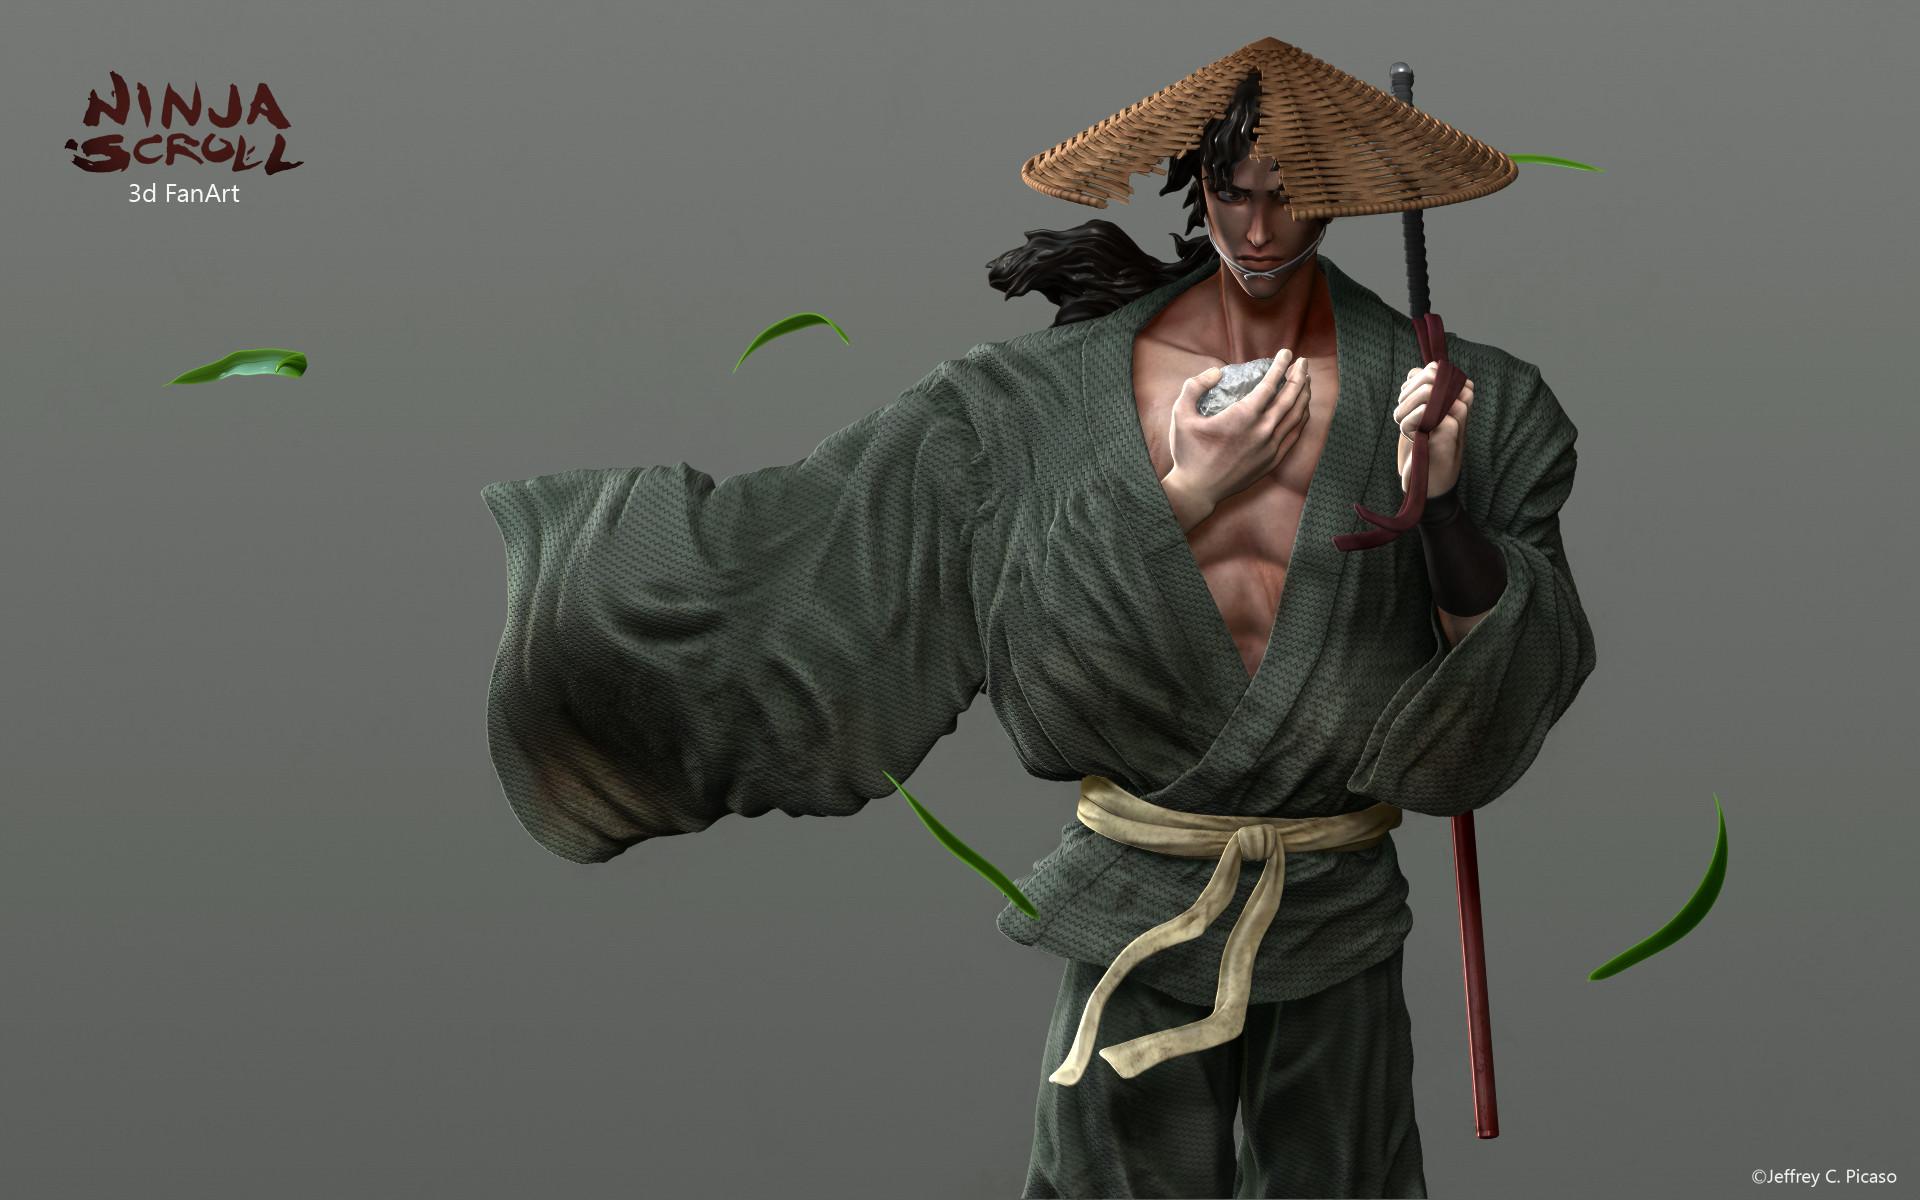 Artstation Ninja Scroll Fanart Jeff Picaso